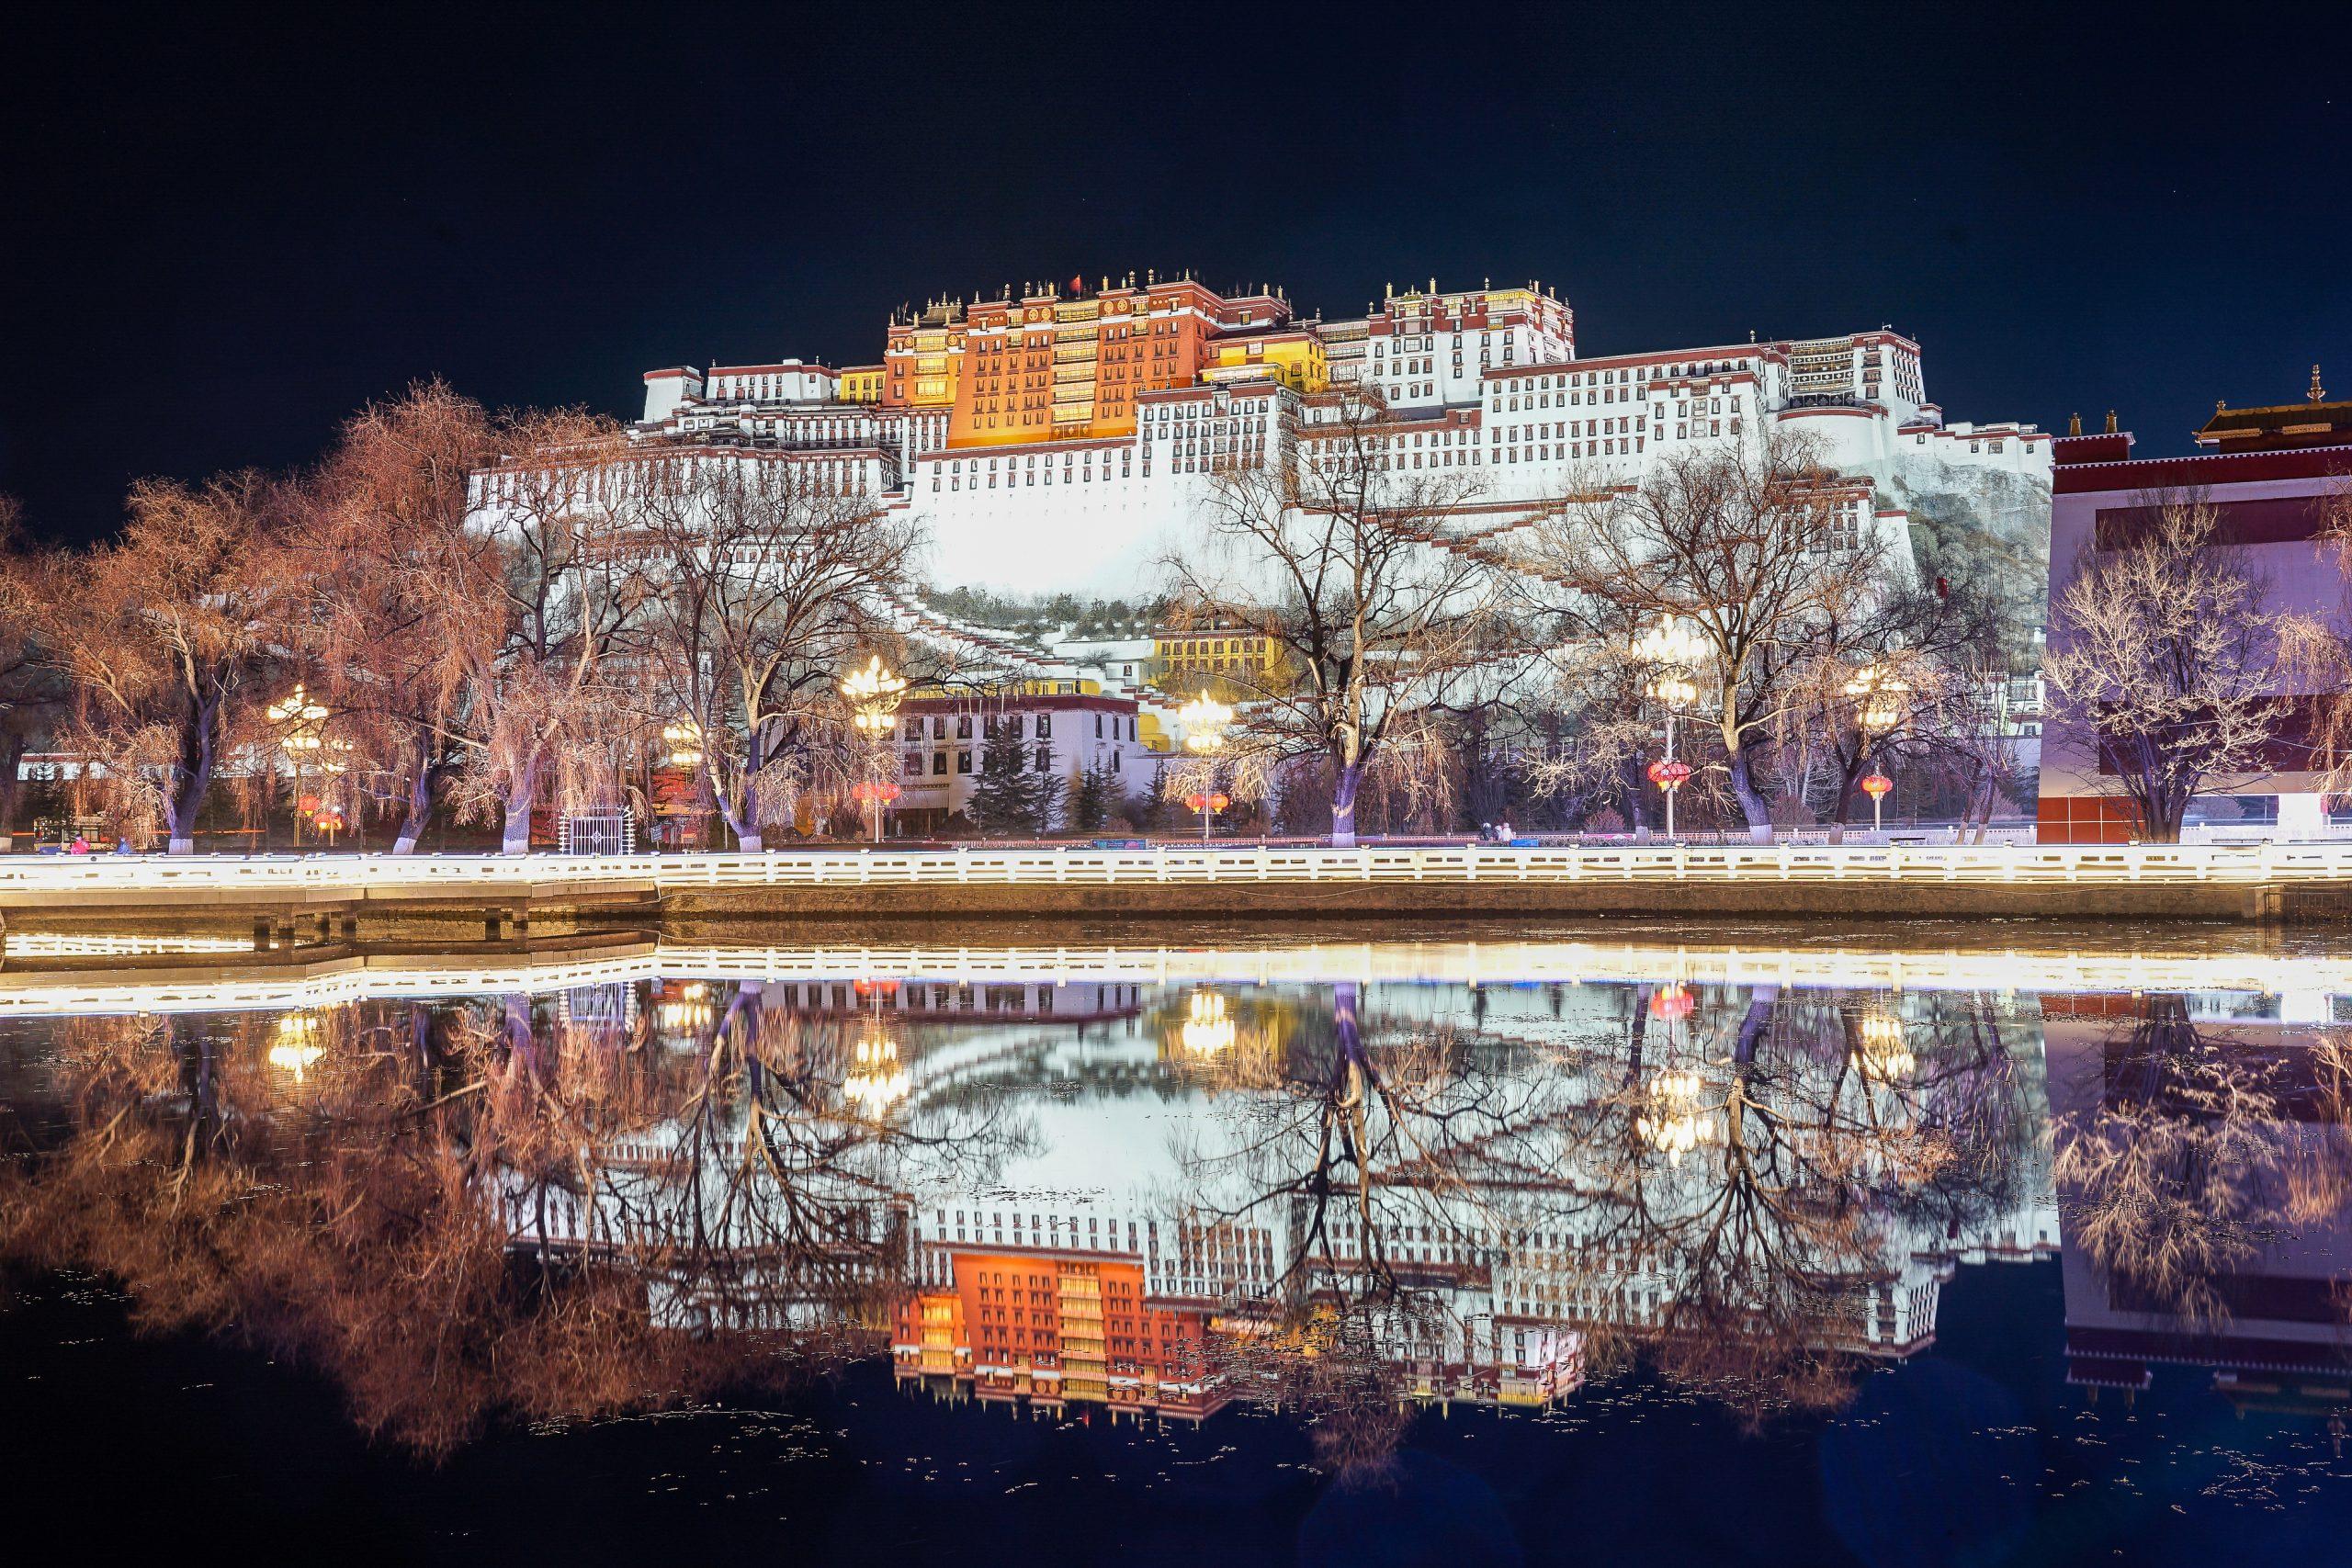 西藏5天4夜旅遊行程-原來建立布達拉宮的理由全都因為愛,布達拉宮裡的愛情故事以及千百年累積的意念情感,沒去西藏不知道,去了才知道祂改變你什麼@跳躍的宅男 @跳躍的宅男